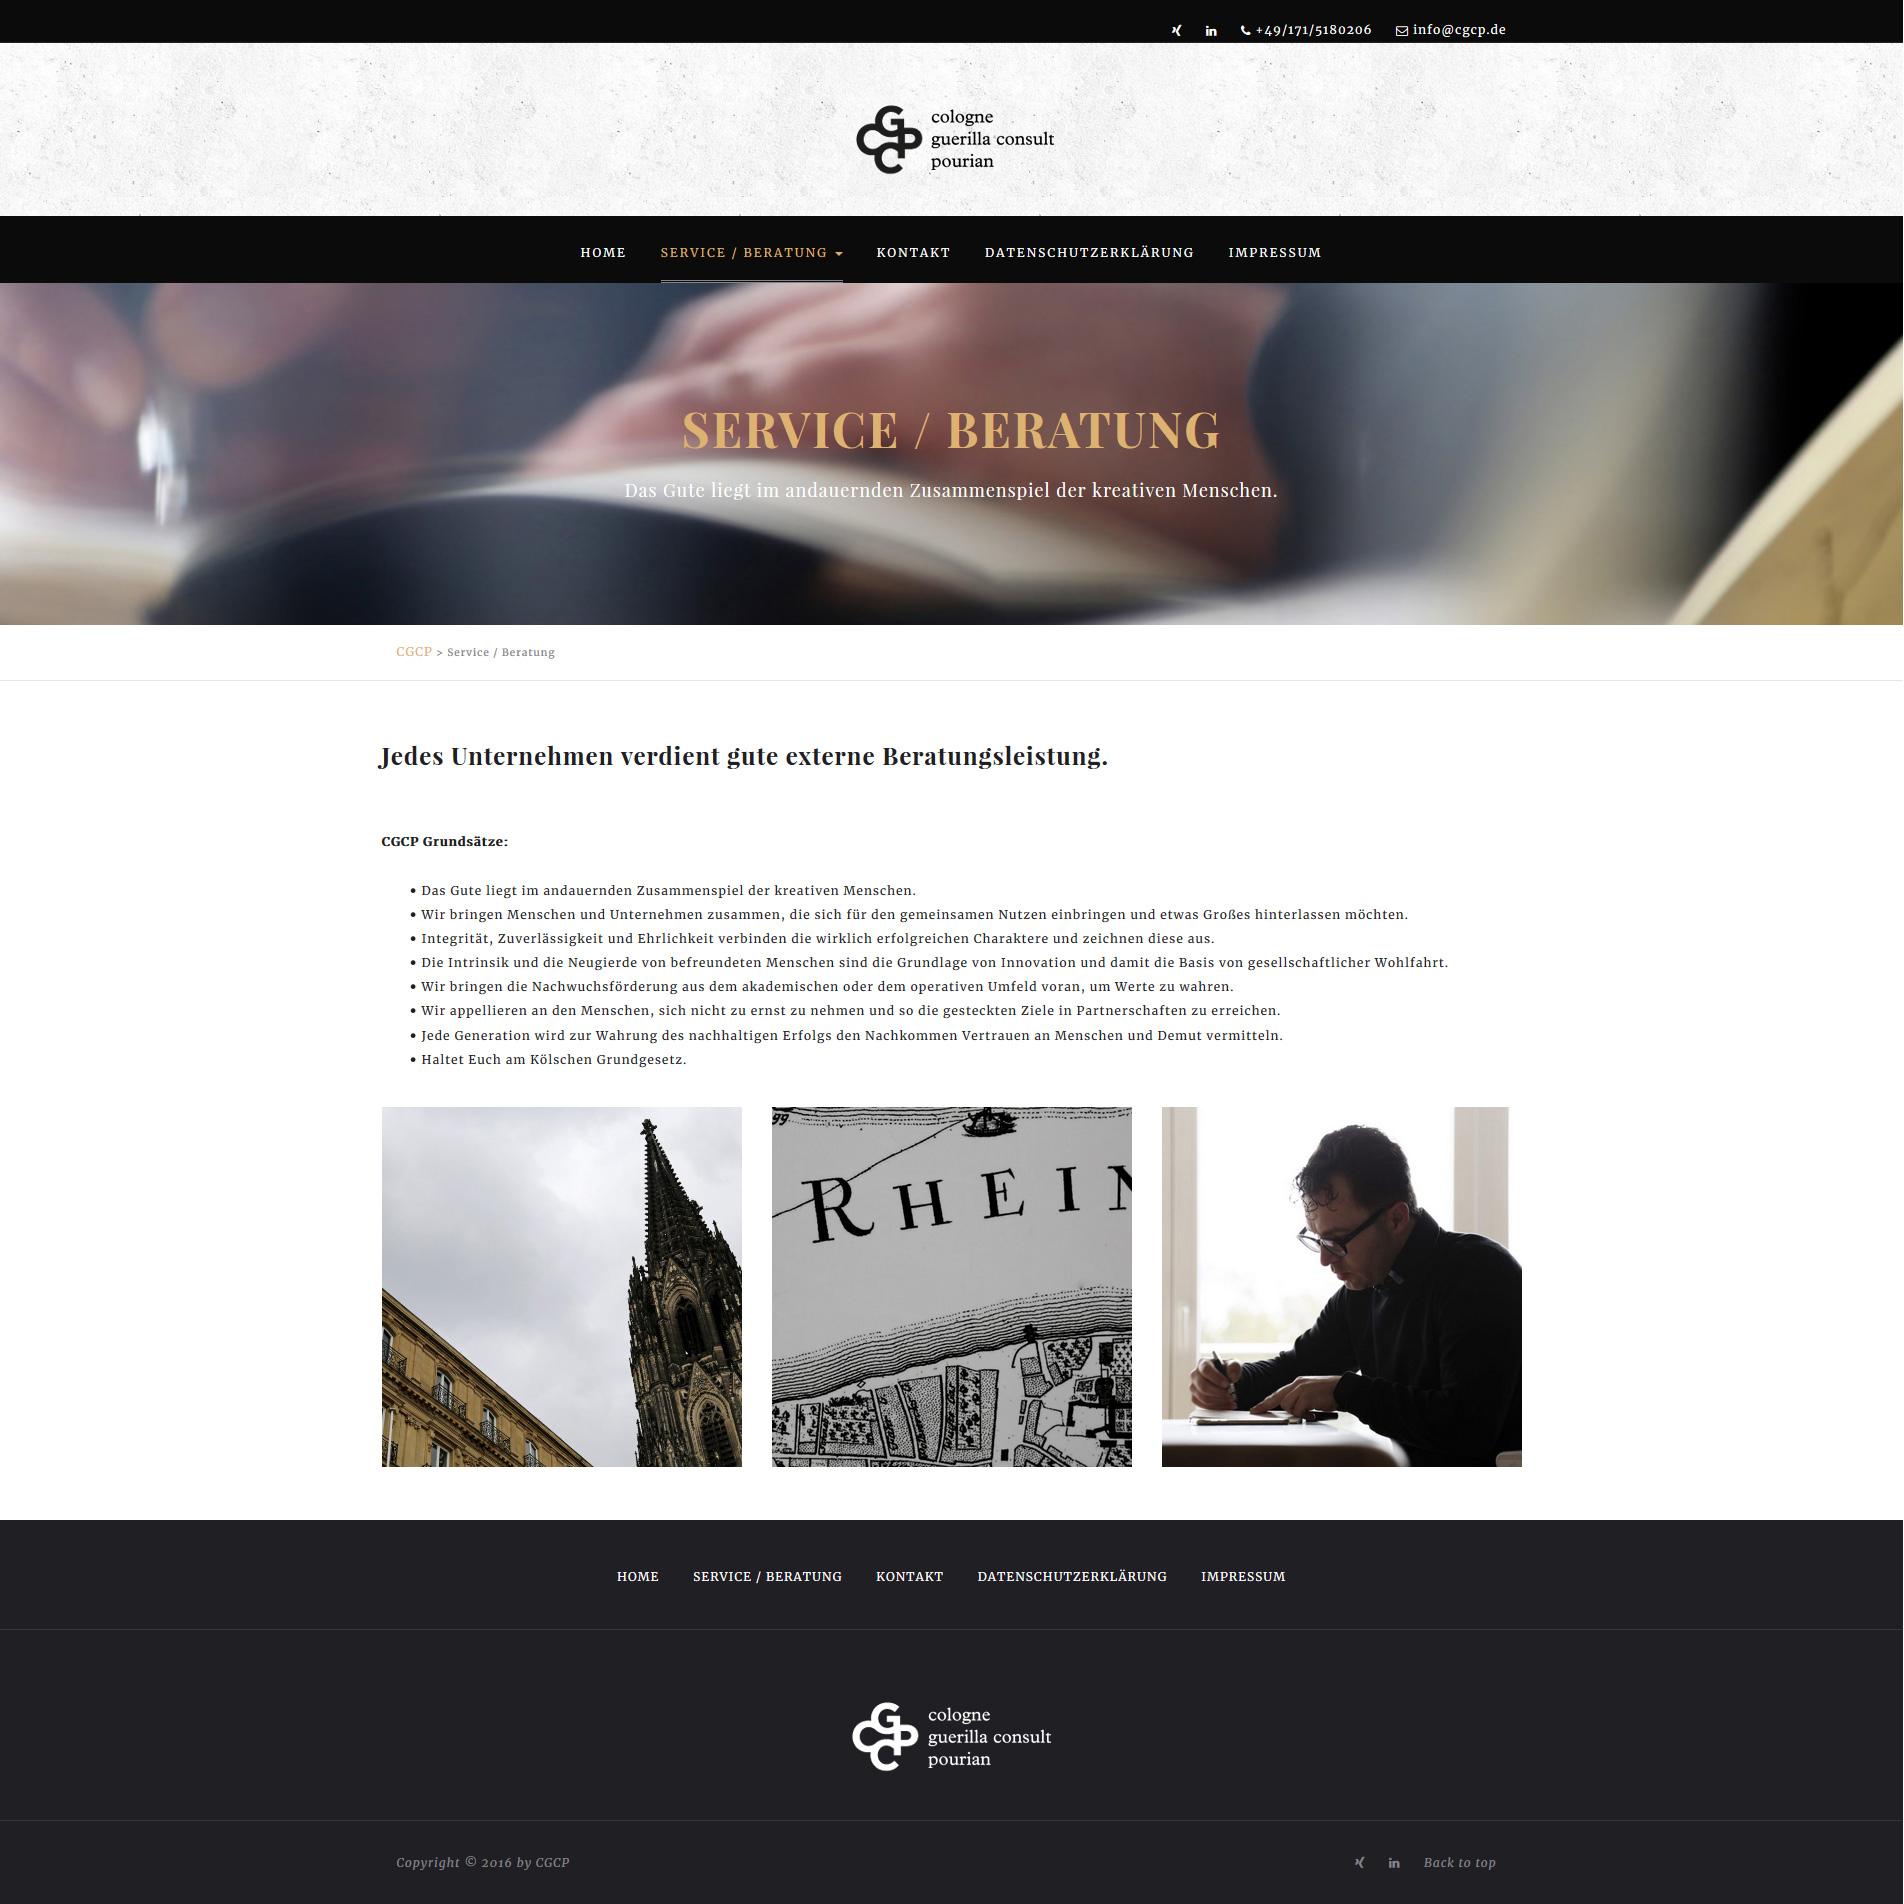 CGCP / Cologne Guerilla Consult Pourian